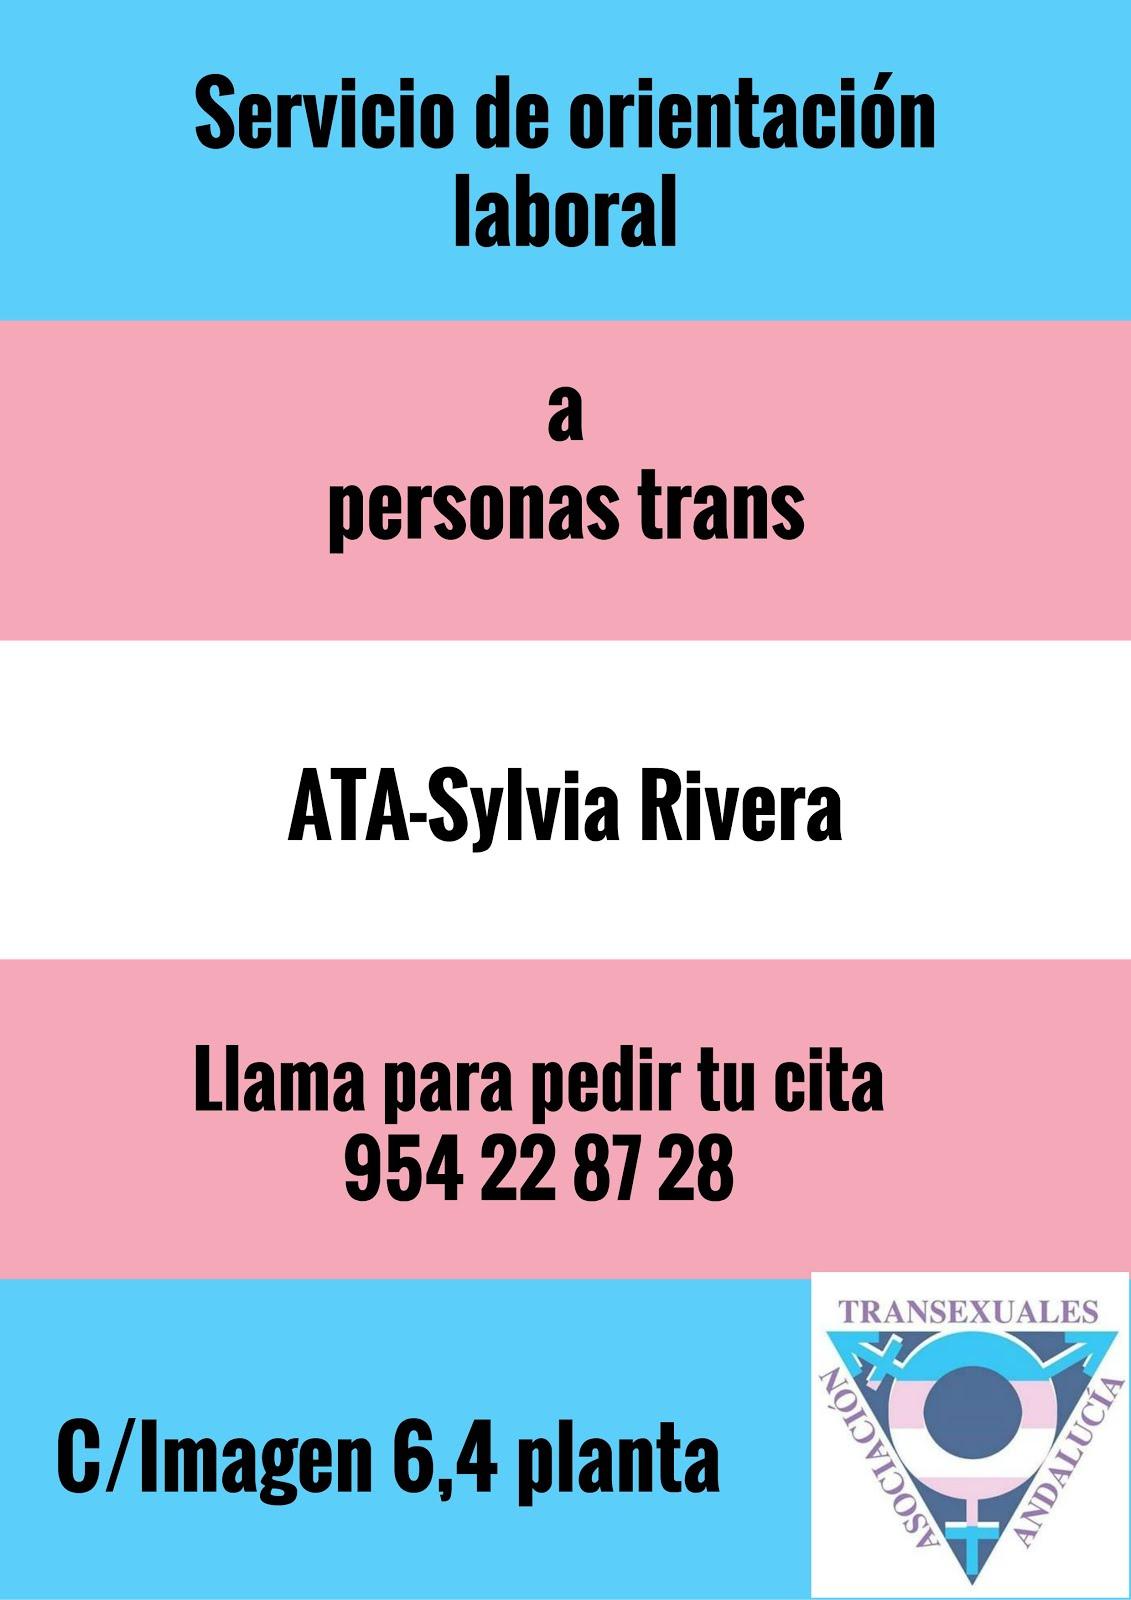 SERVICIO DE ORIENTACIÓN LABORAL A PERSONAS TRANS